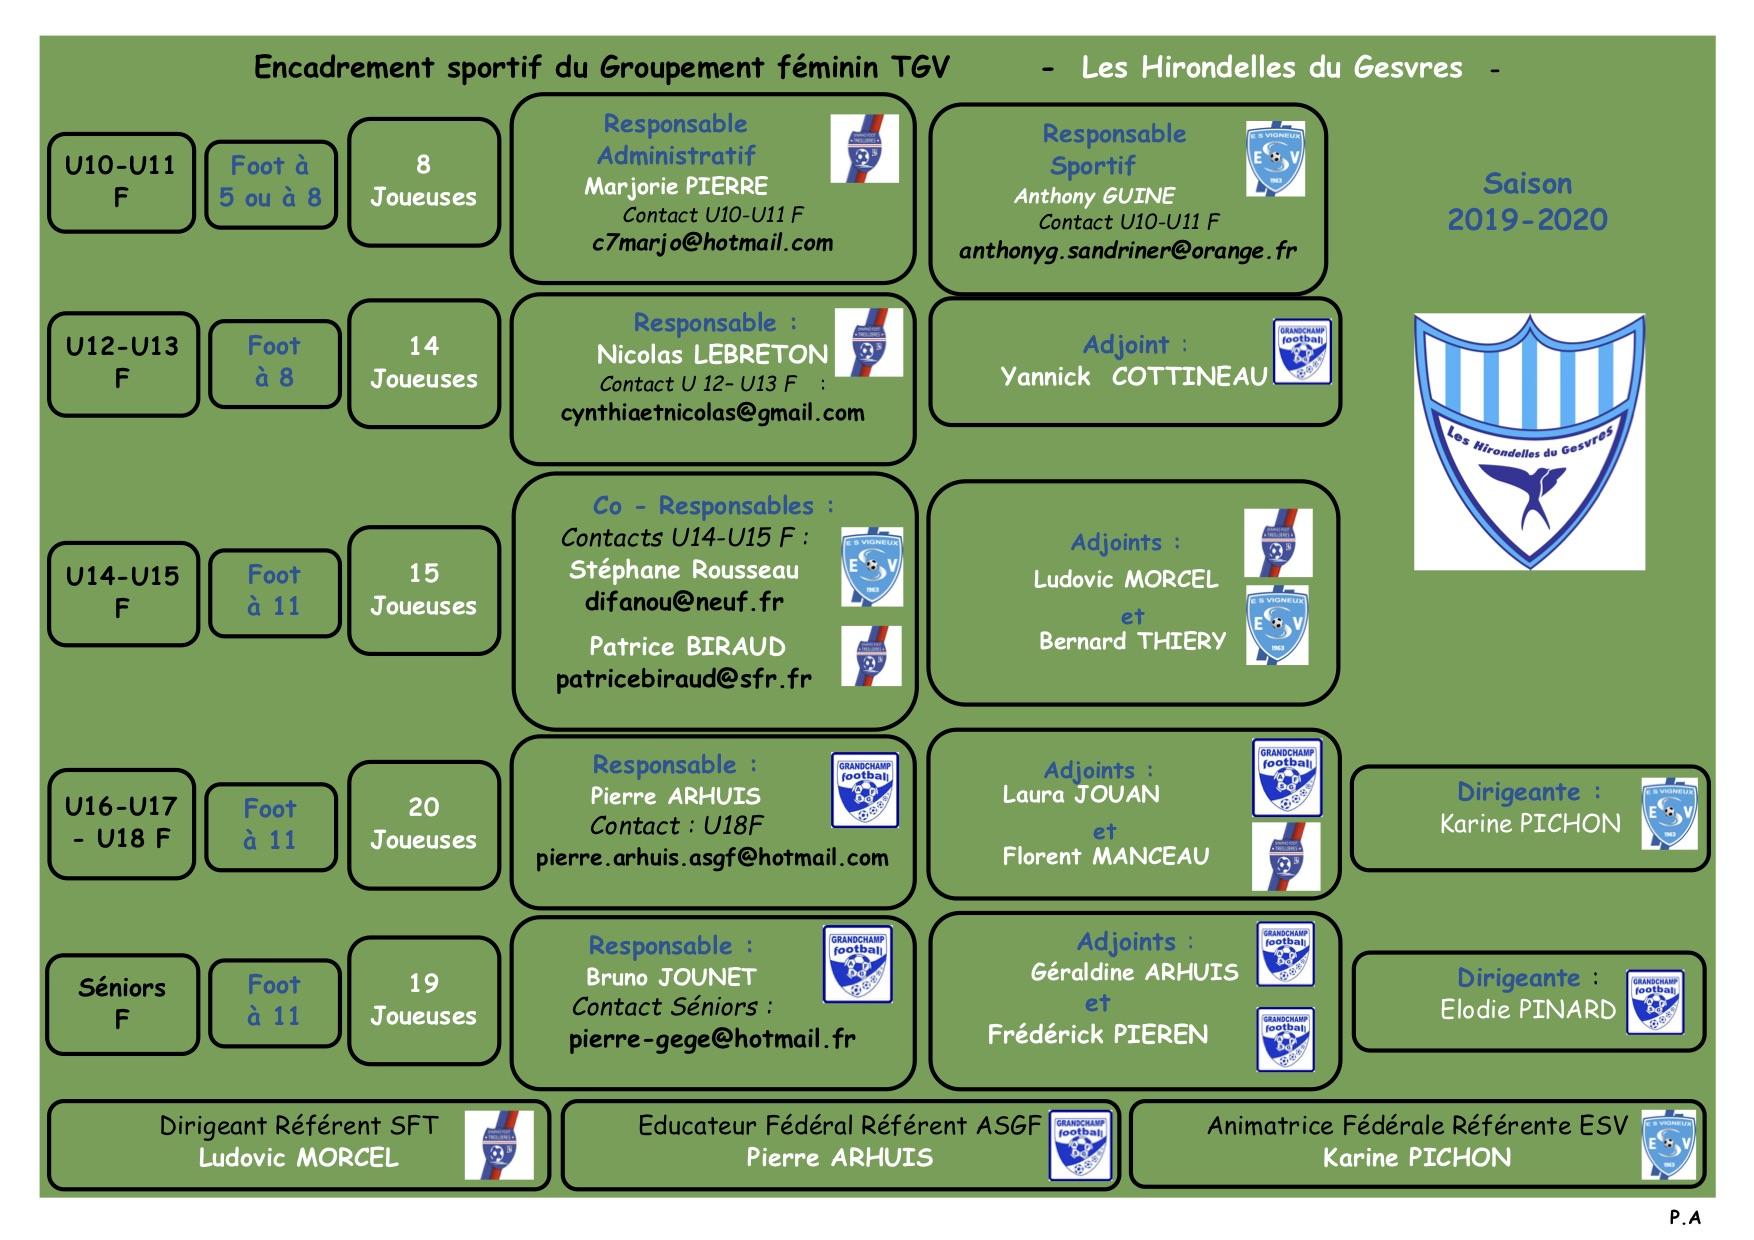 Groupement Féminine - Organigramme technique 2019-2020